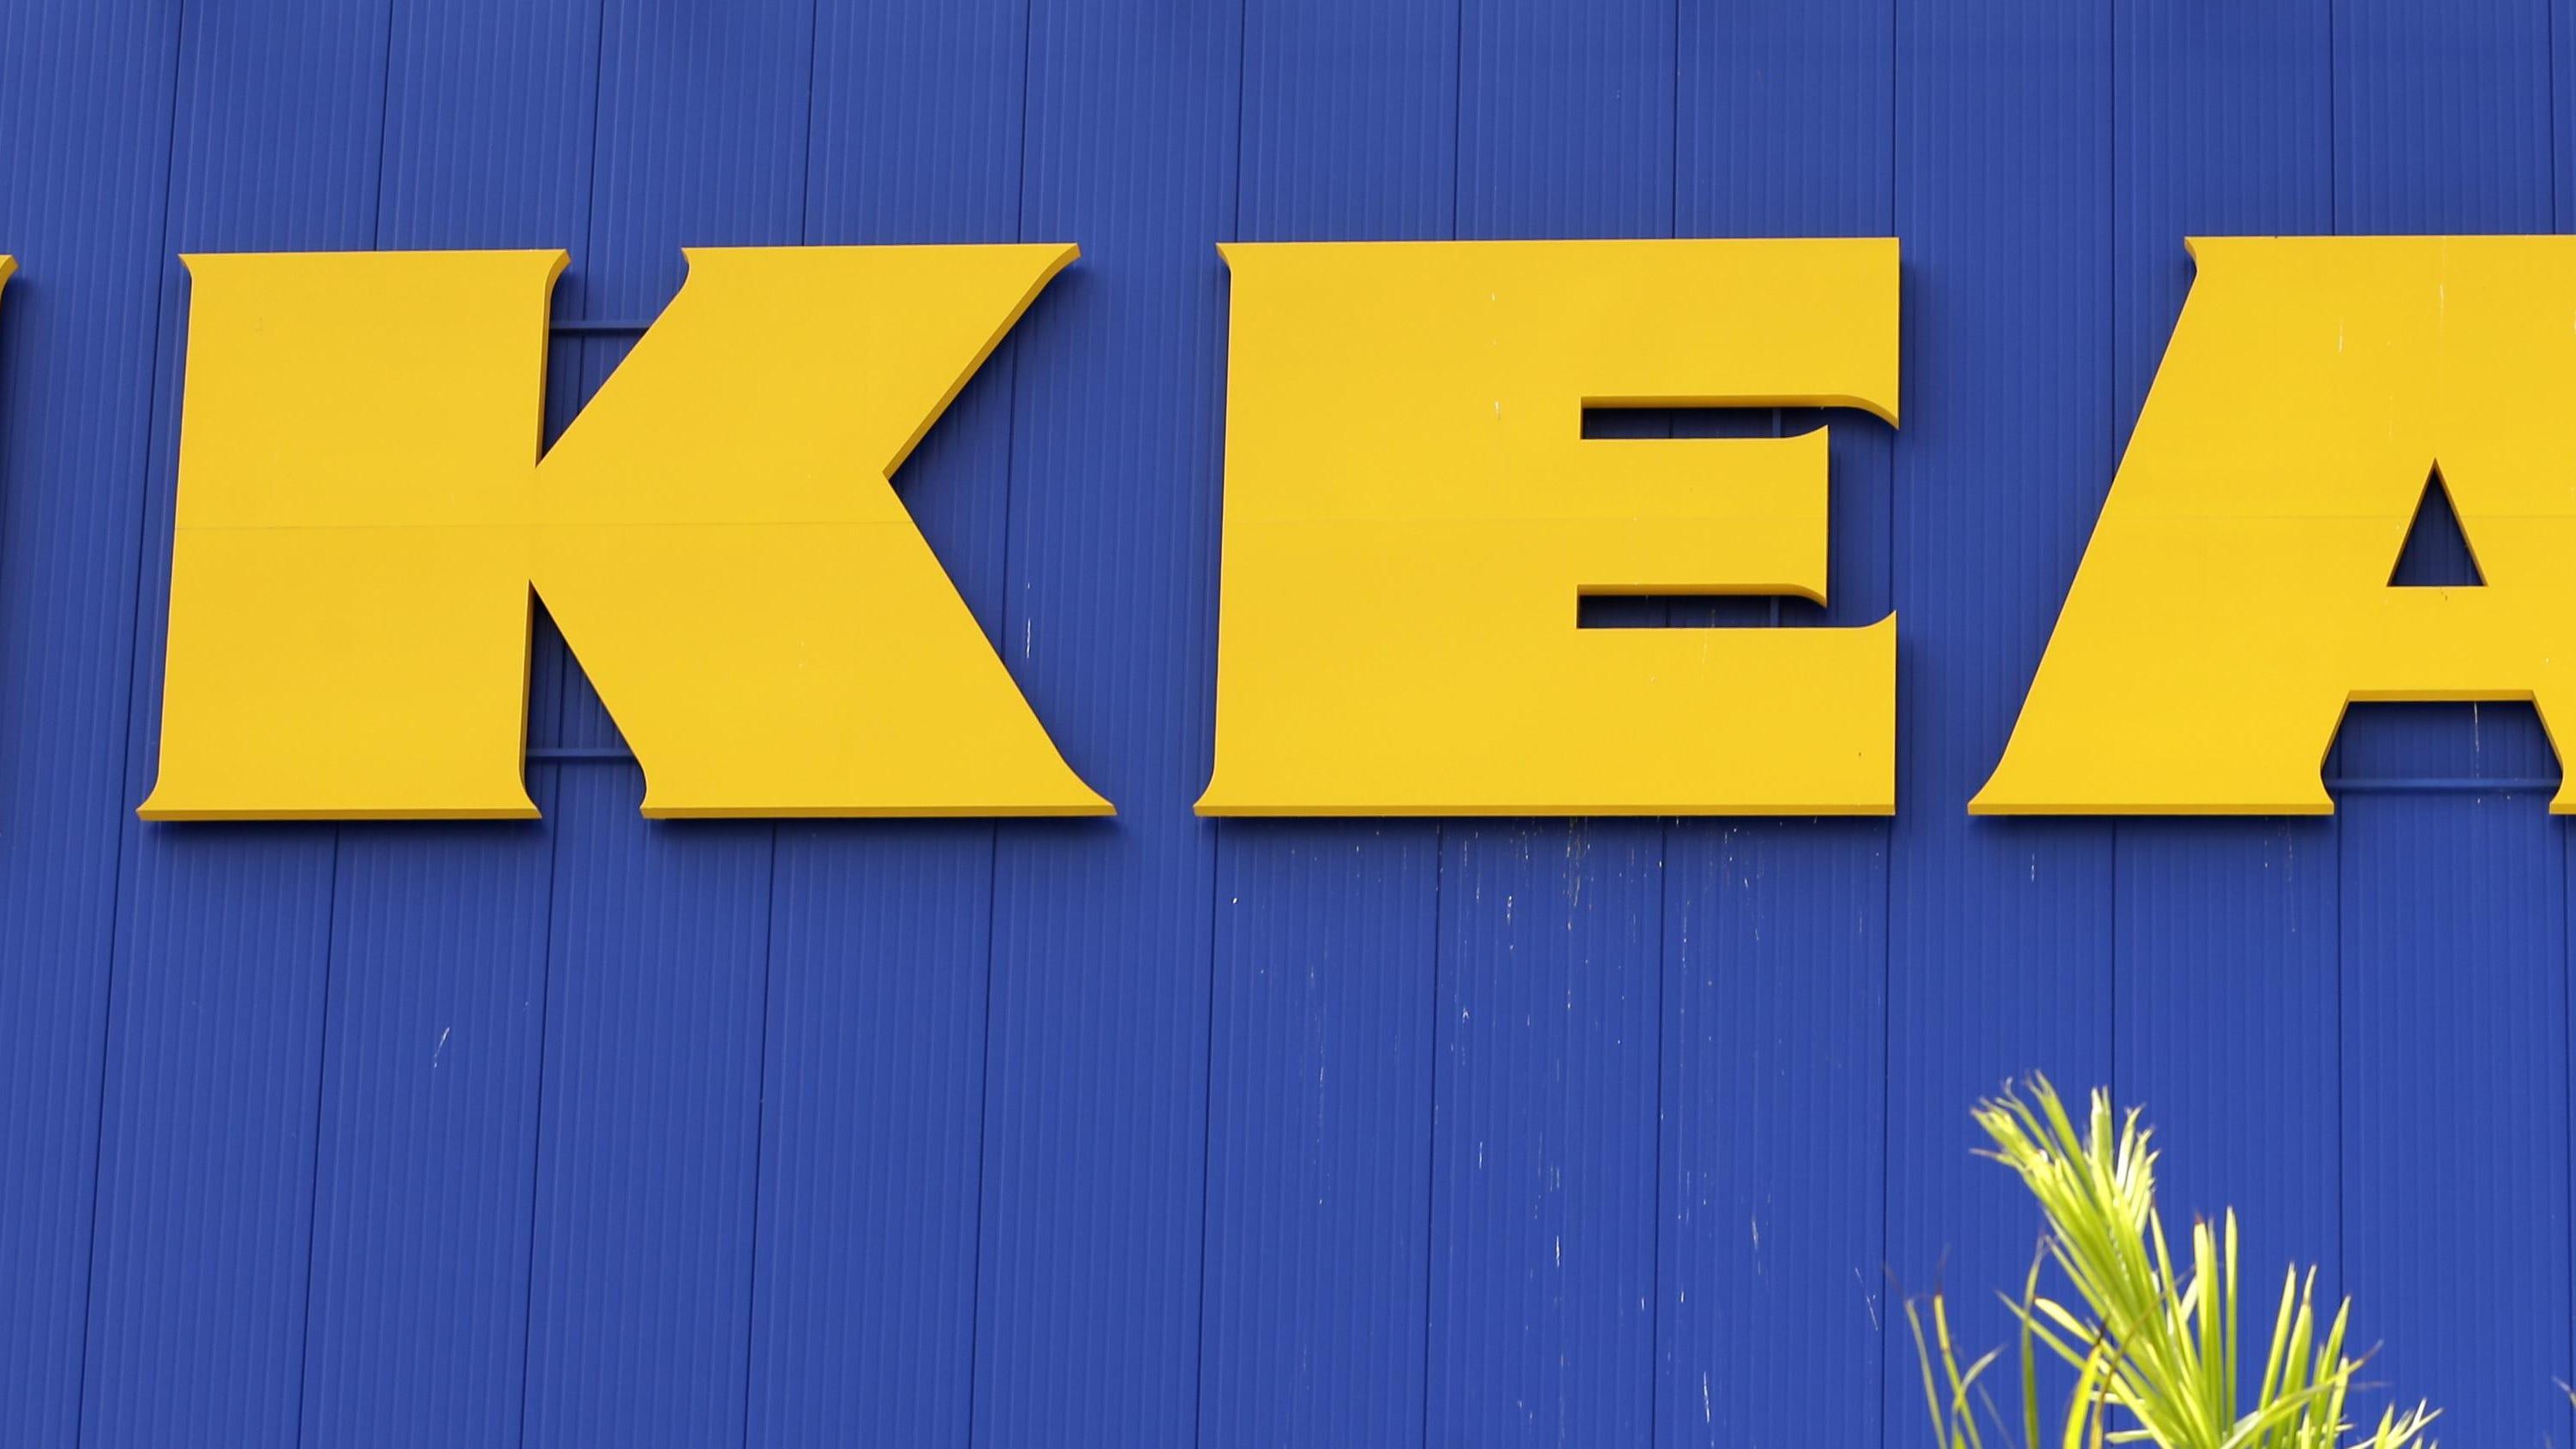 Recalls Glass Cwdbxroe Lamps Risk Shades Of For Falling Ikea Yvgb7f6y